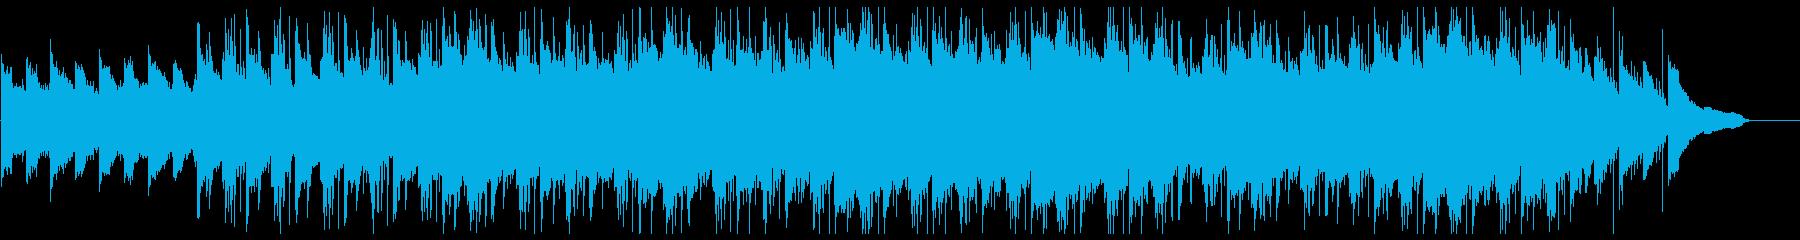 広がる自然・ゆったりヒップホップ・空撮の再生済みの波形